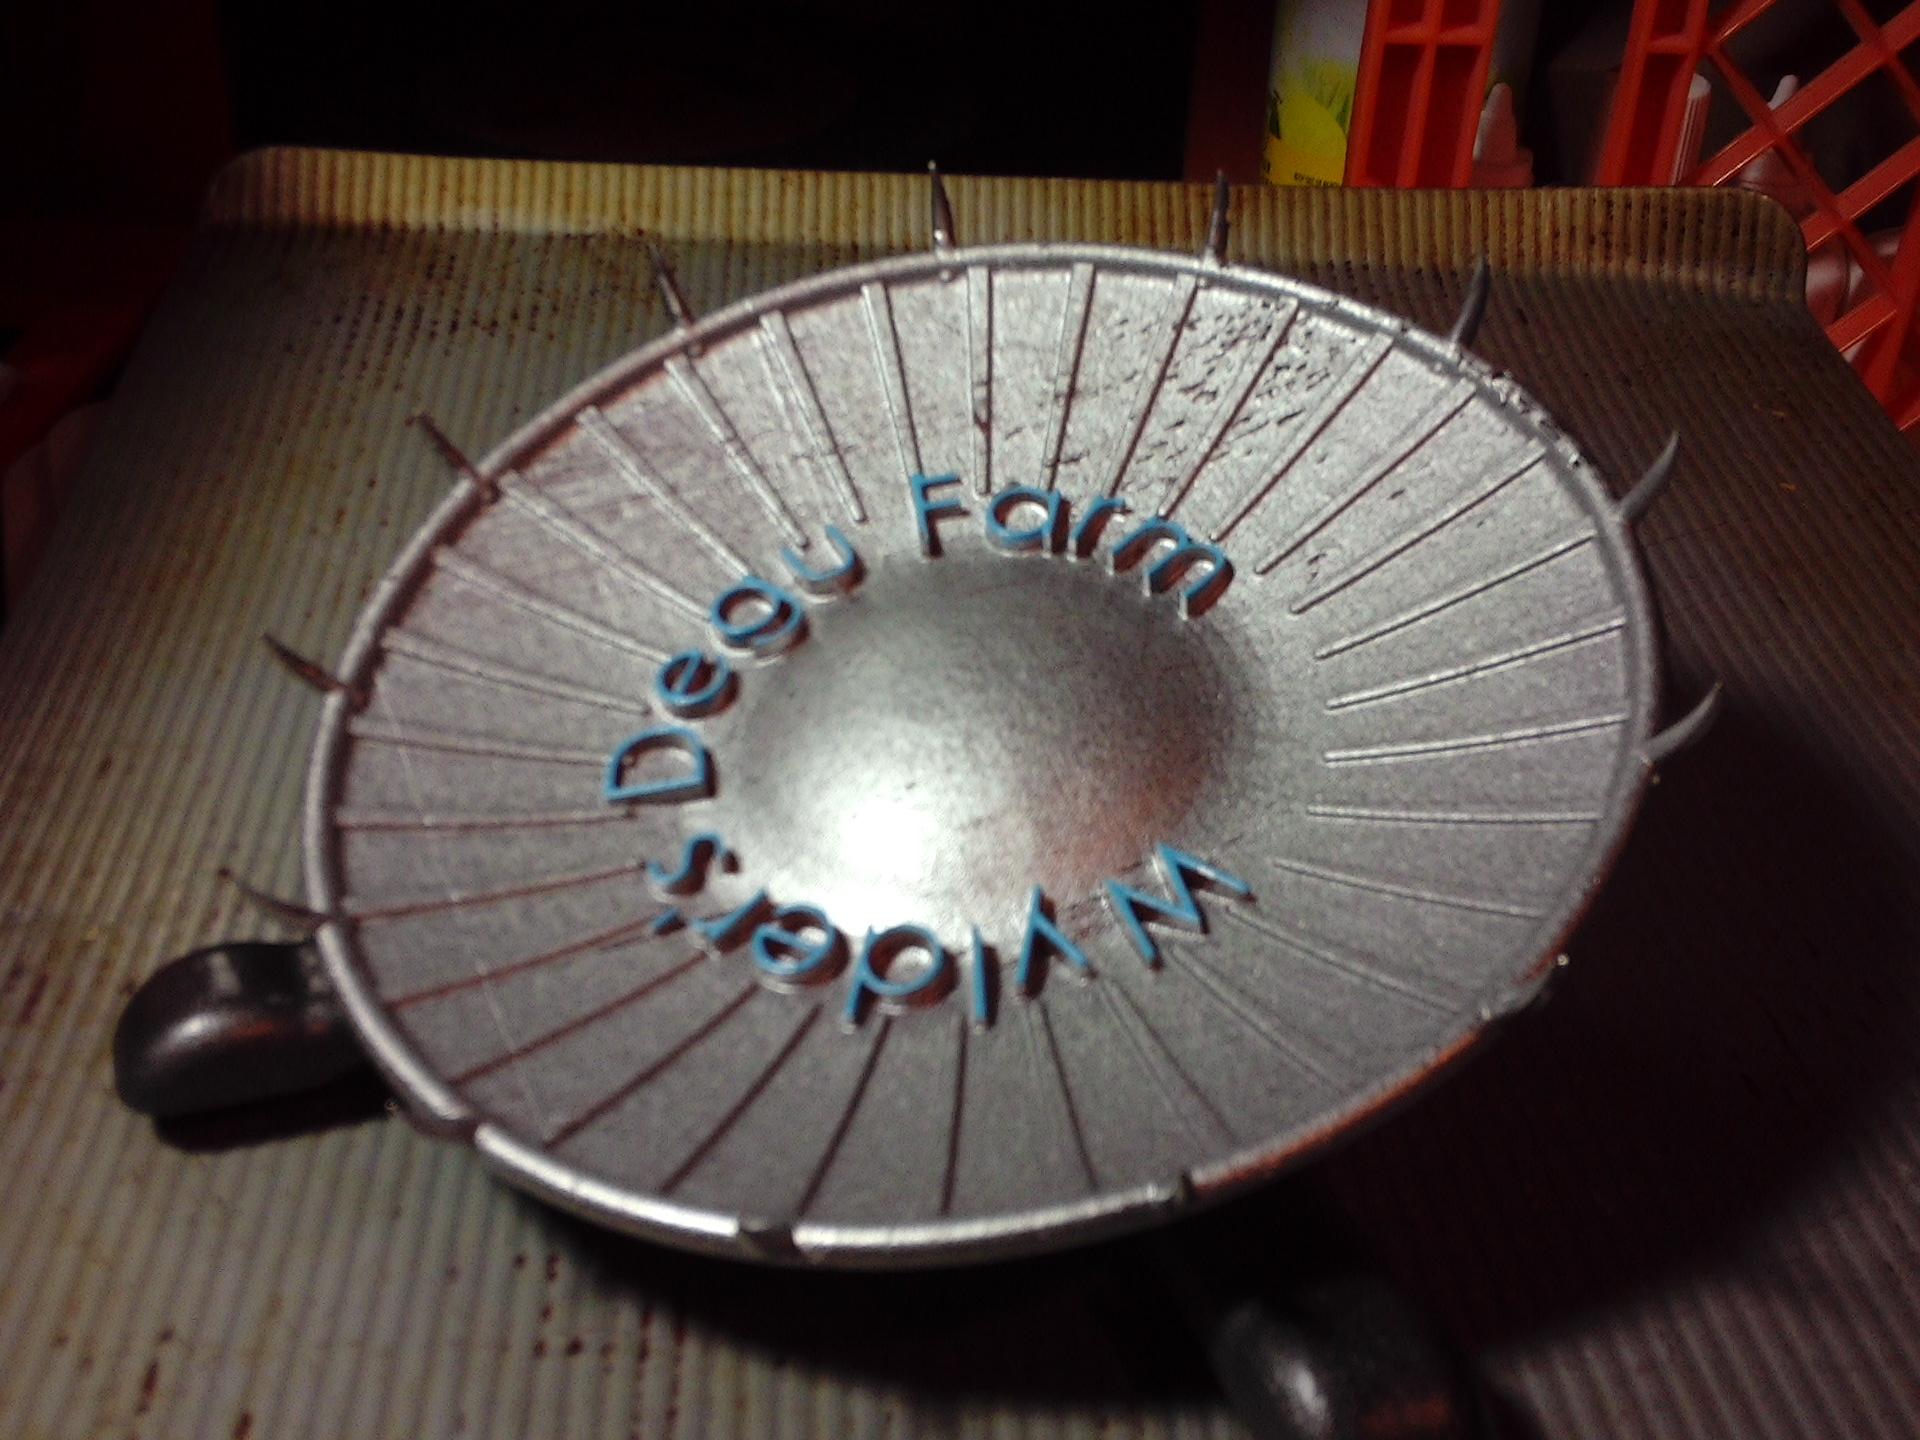 R. Vincent Erb's Degu Disc